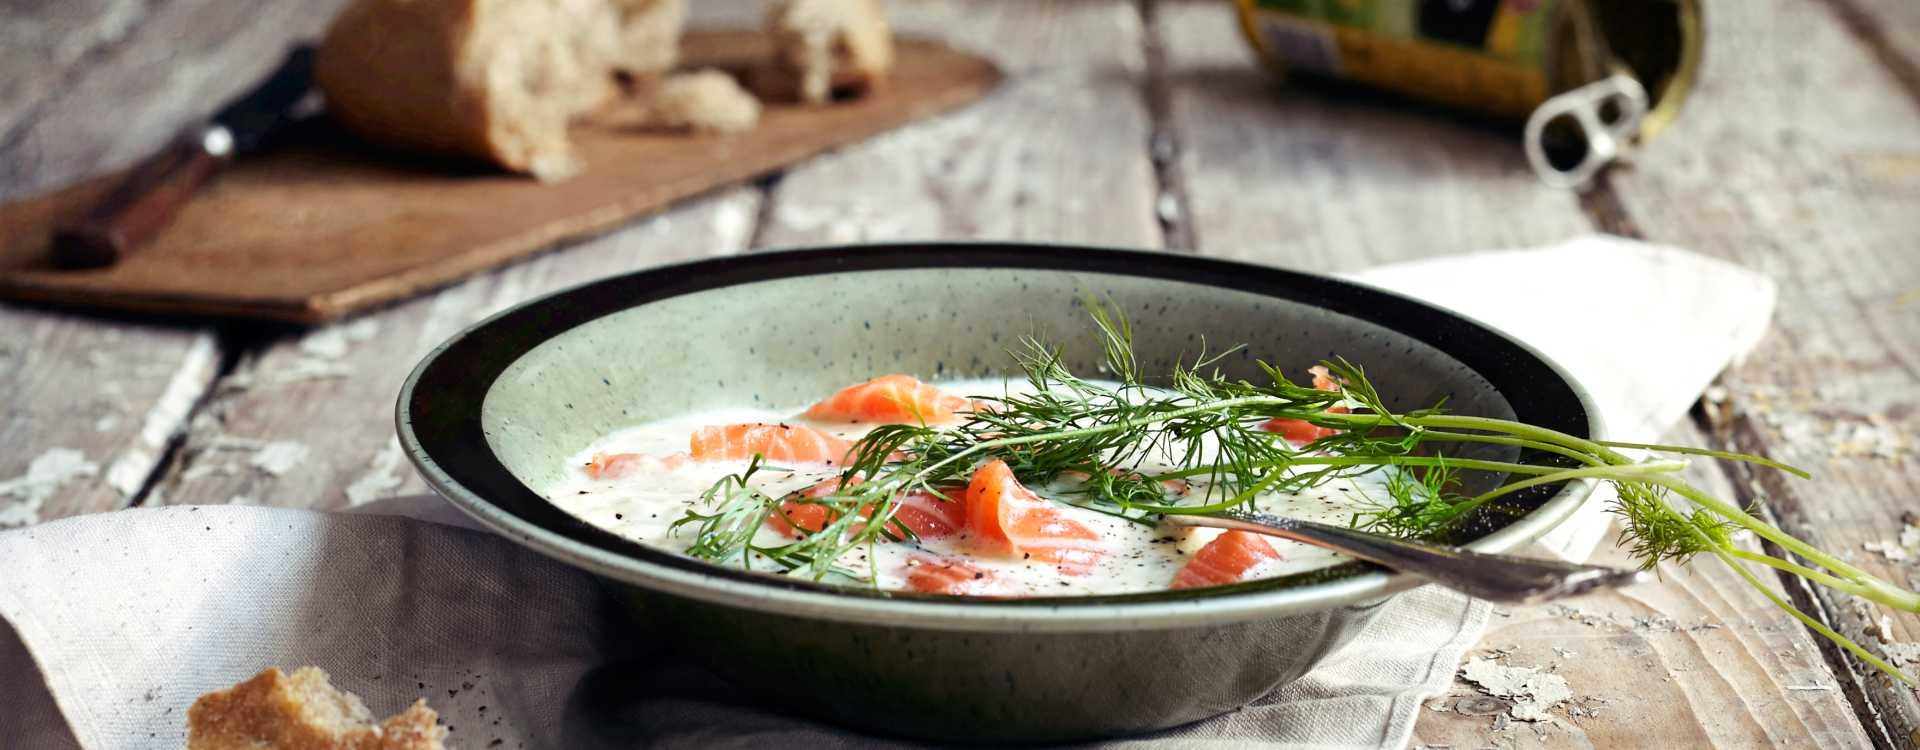 Aspargessuppe med laks og dill